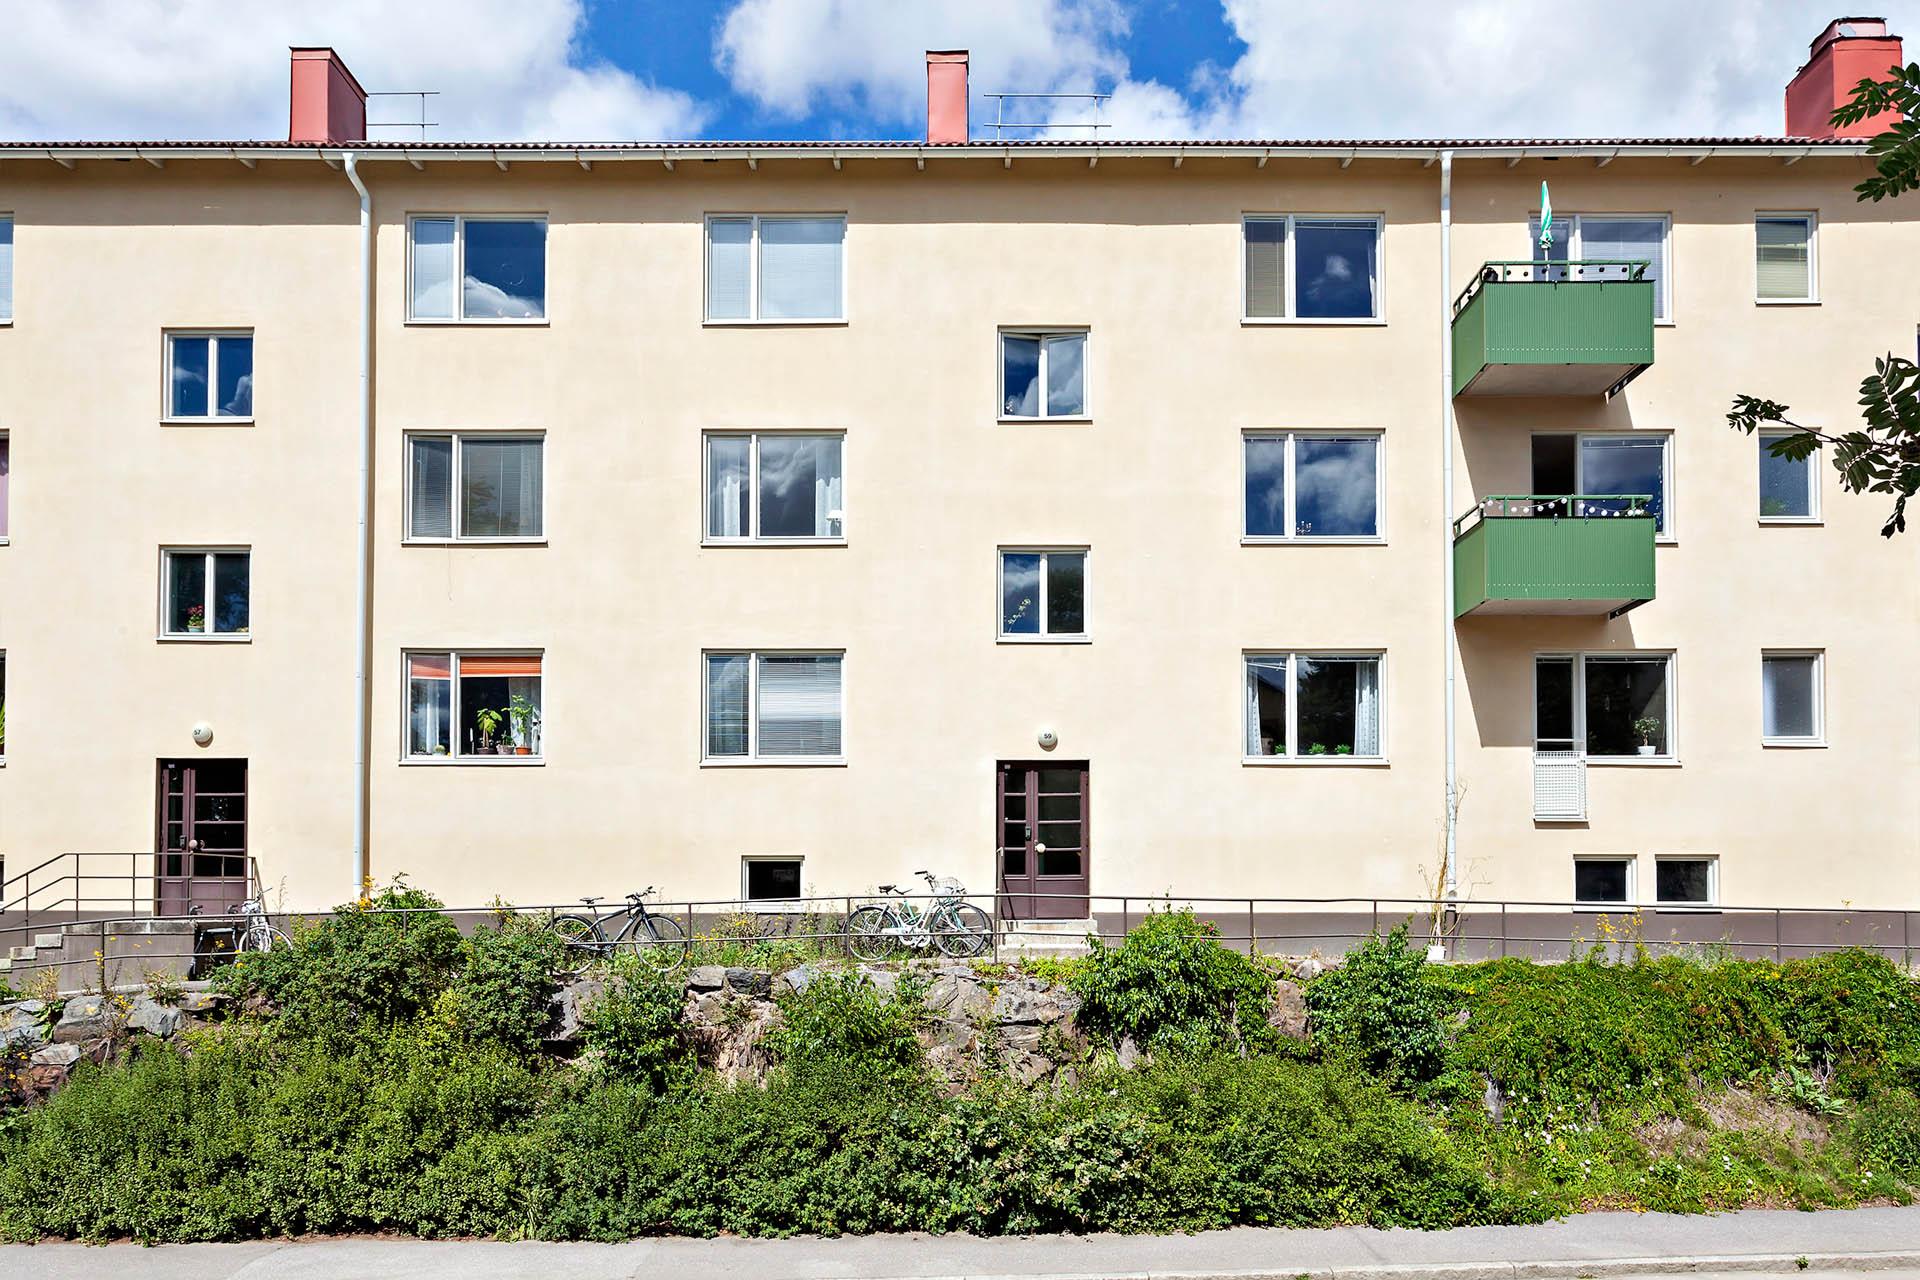 Lägenhet belägen i lugn del av Hammarbyhöjden med grönska runt knuten.